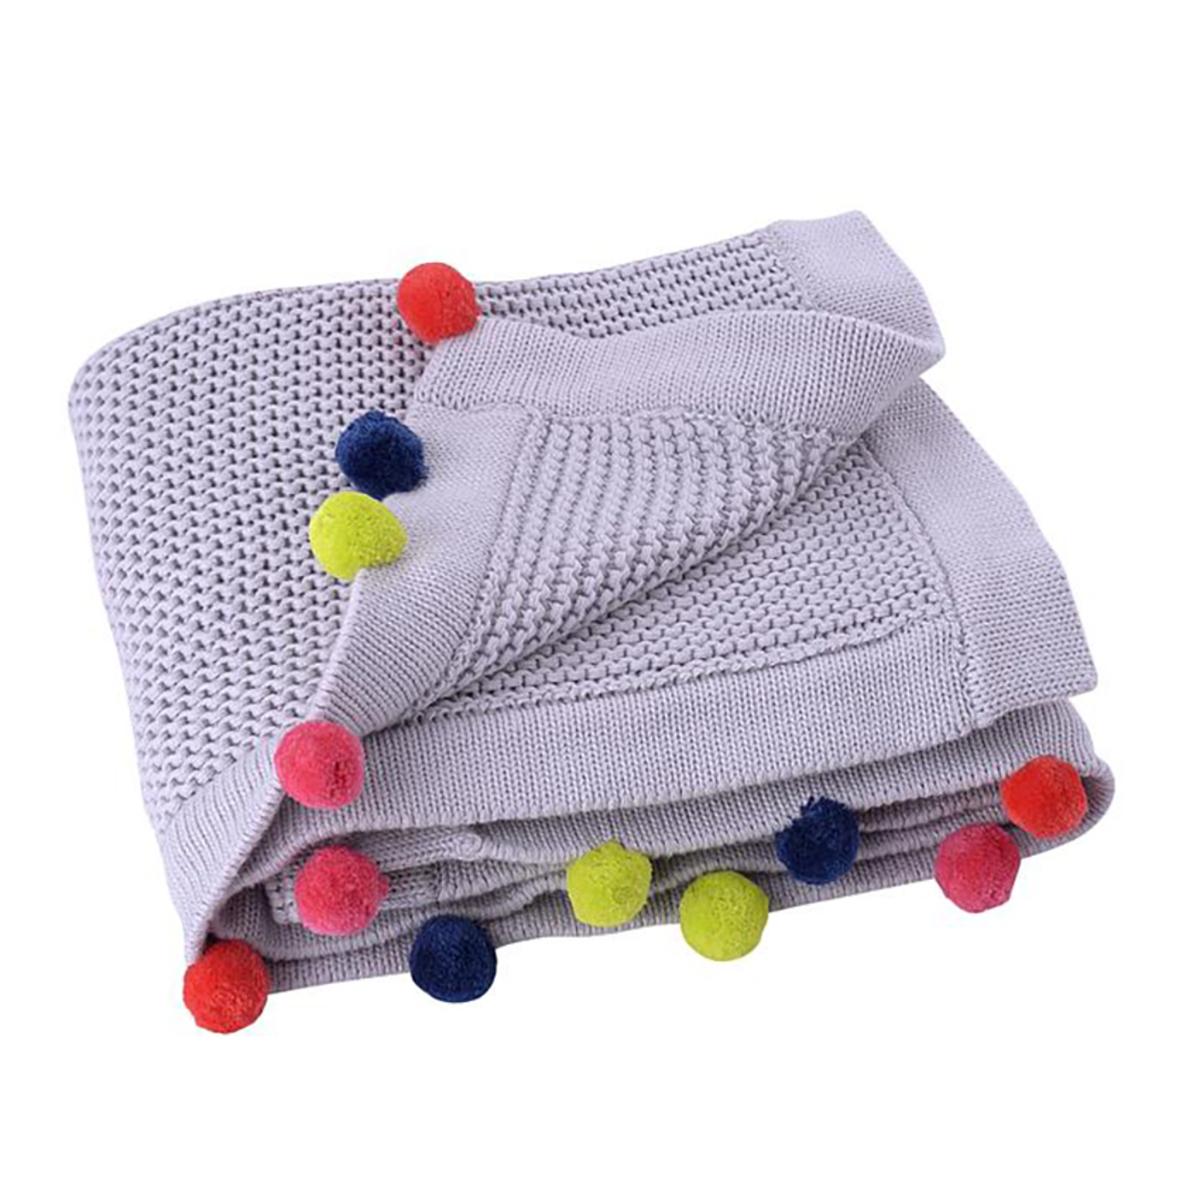 Linge de lit Couverture en Coton - Grise Pompons Multicolores Couverture en Coton - Grise Pompons Multicolores